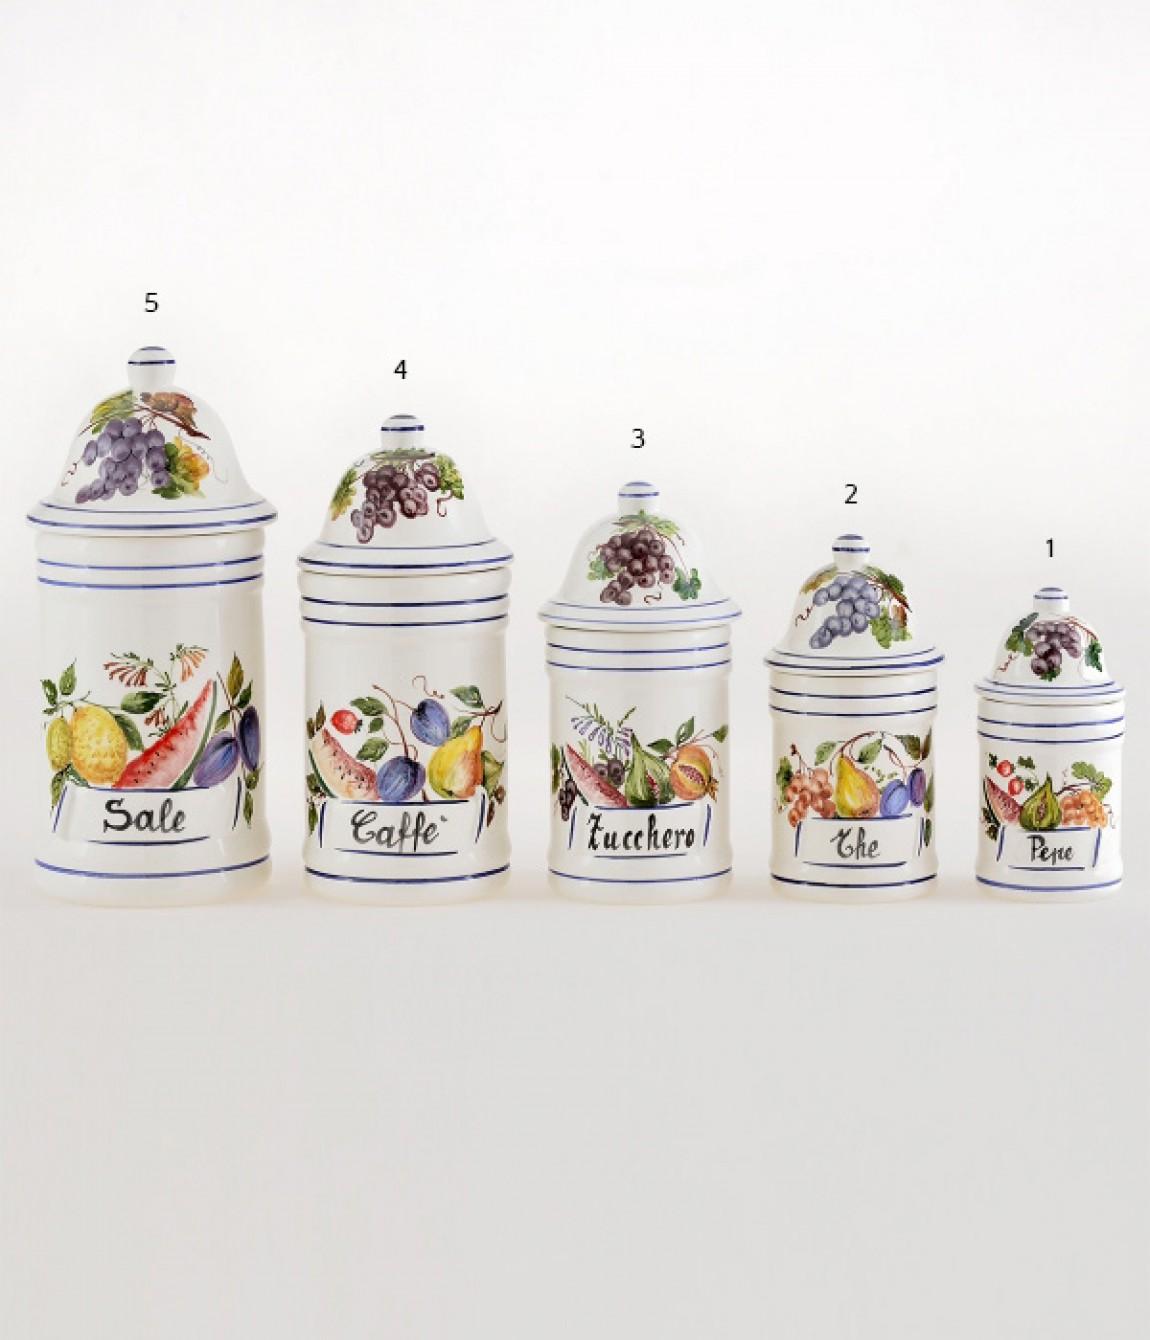 Vaso da cucina 5 altezza cm 27,5 Vaso da cucina in ceramica decorato ...